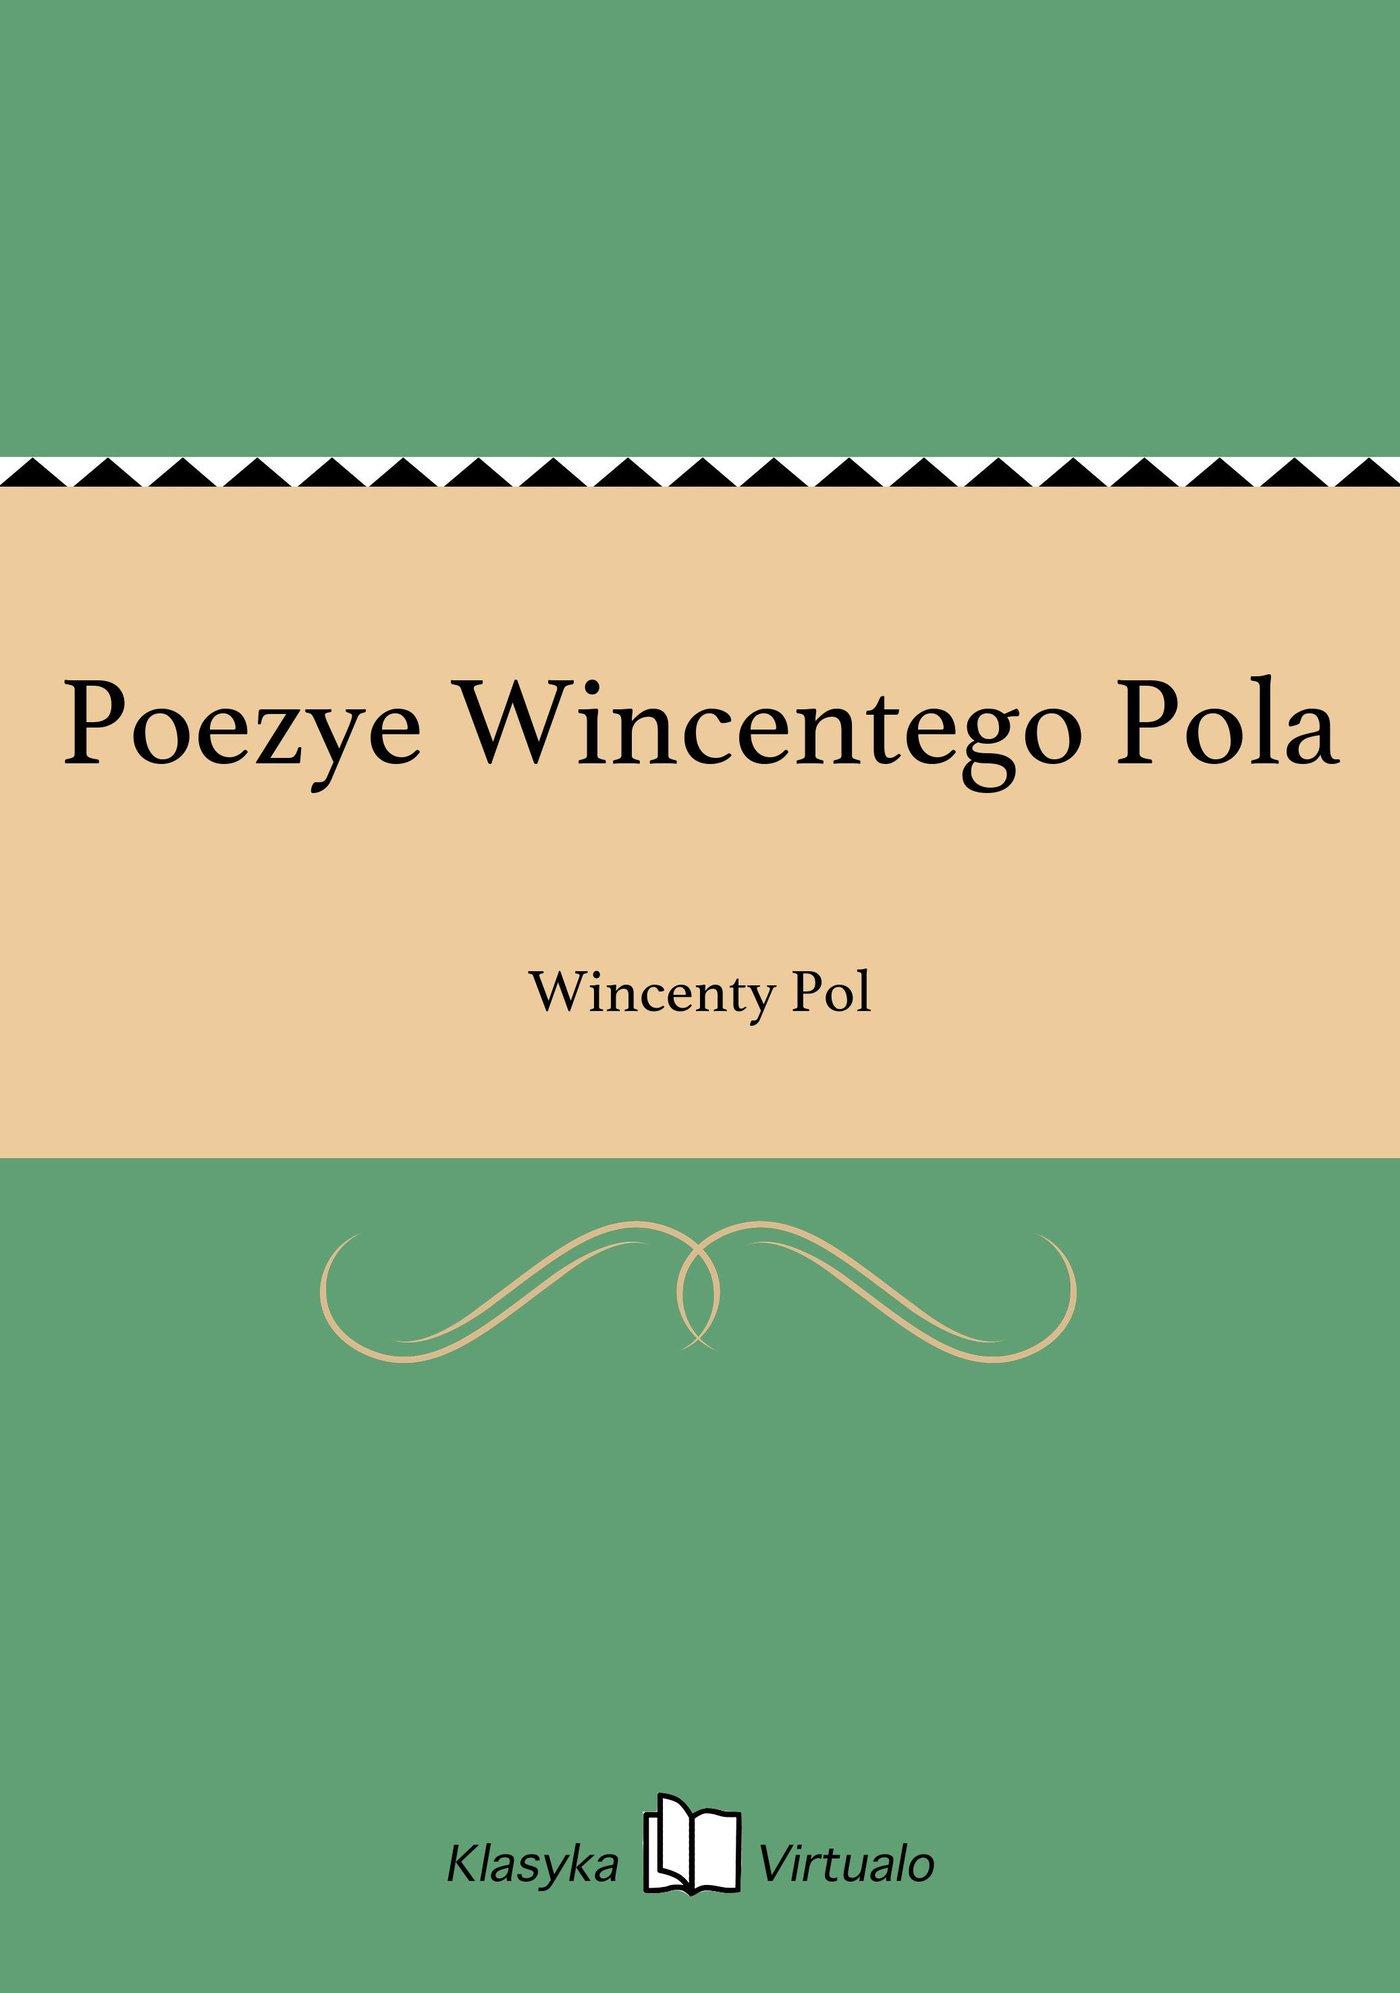 Poezye Wincentego Pola - Ebook (Książka na Kindle) do pobrania w formacie MOBI